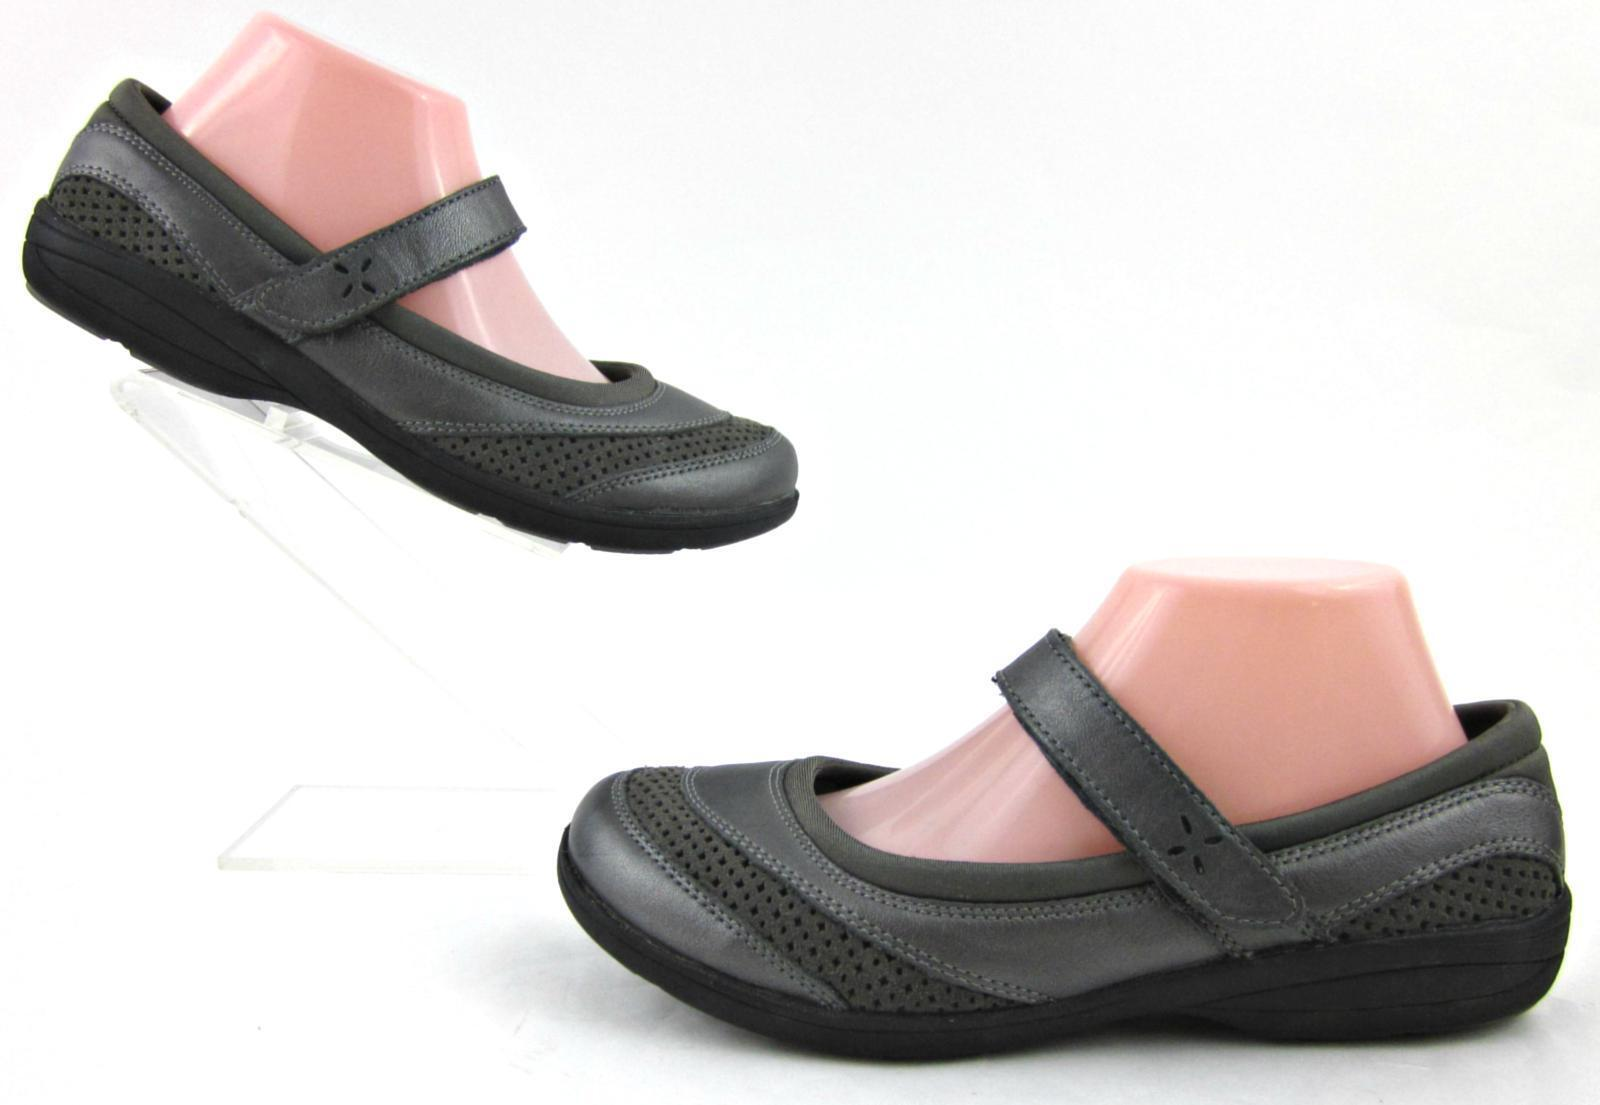 ABEO 3590 SmartSystem Mary Jane Chaussures Étain En Cuir 8 US neutre La semelle intérieure